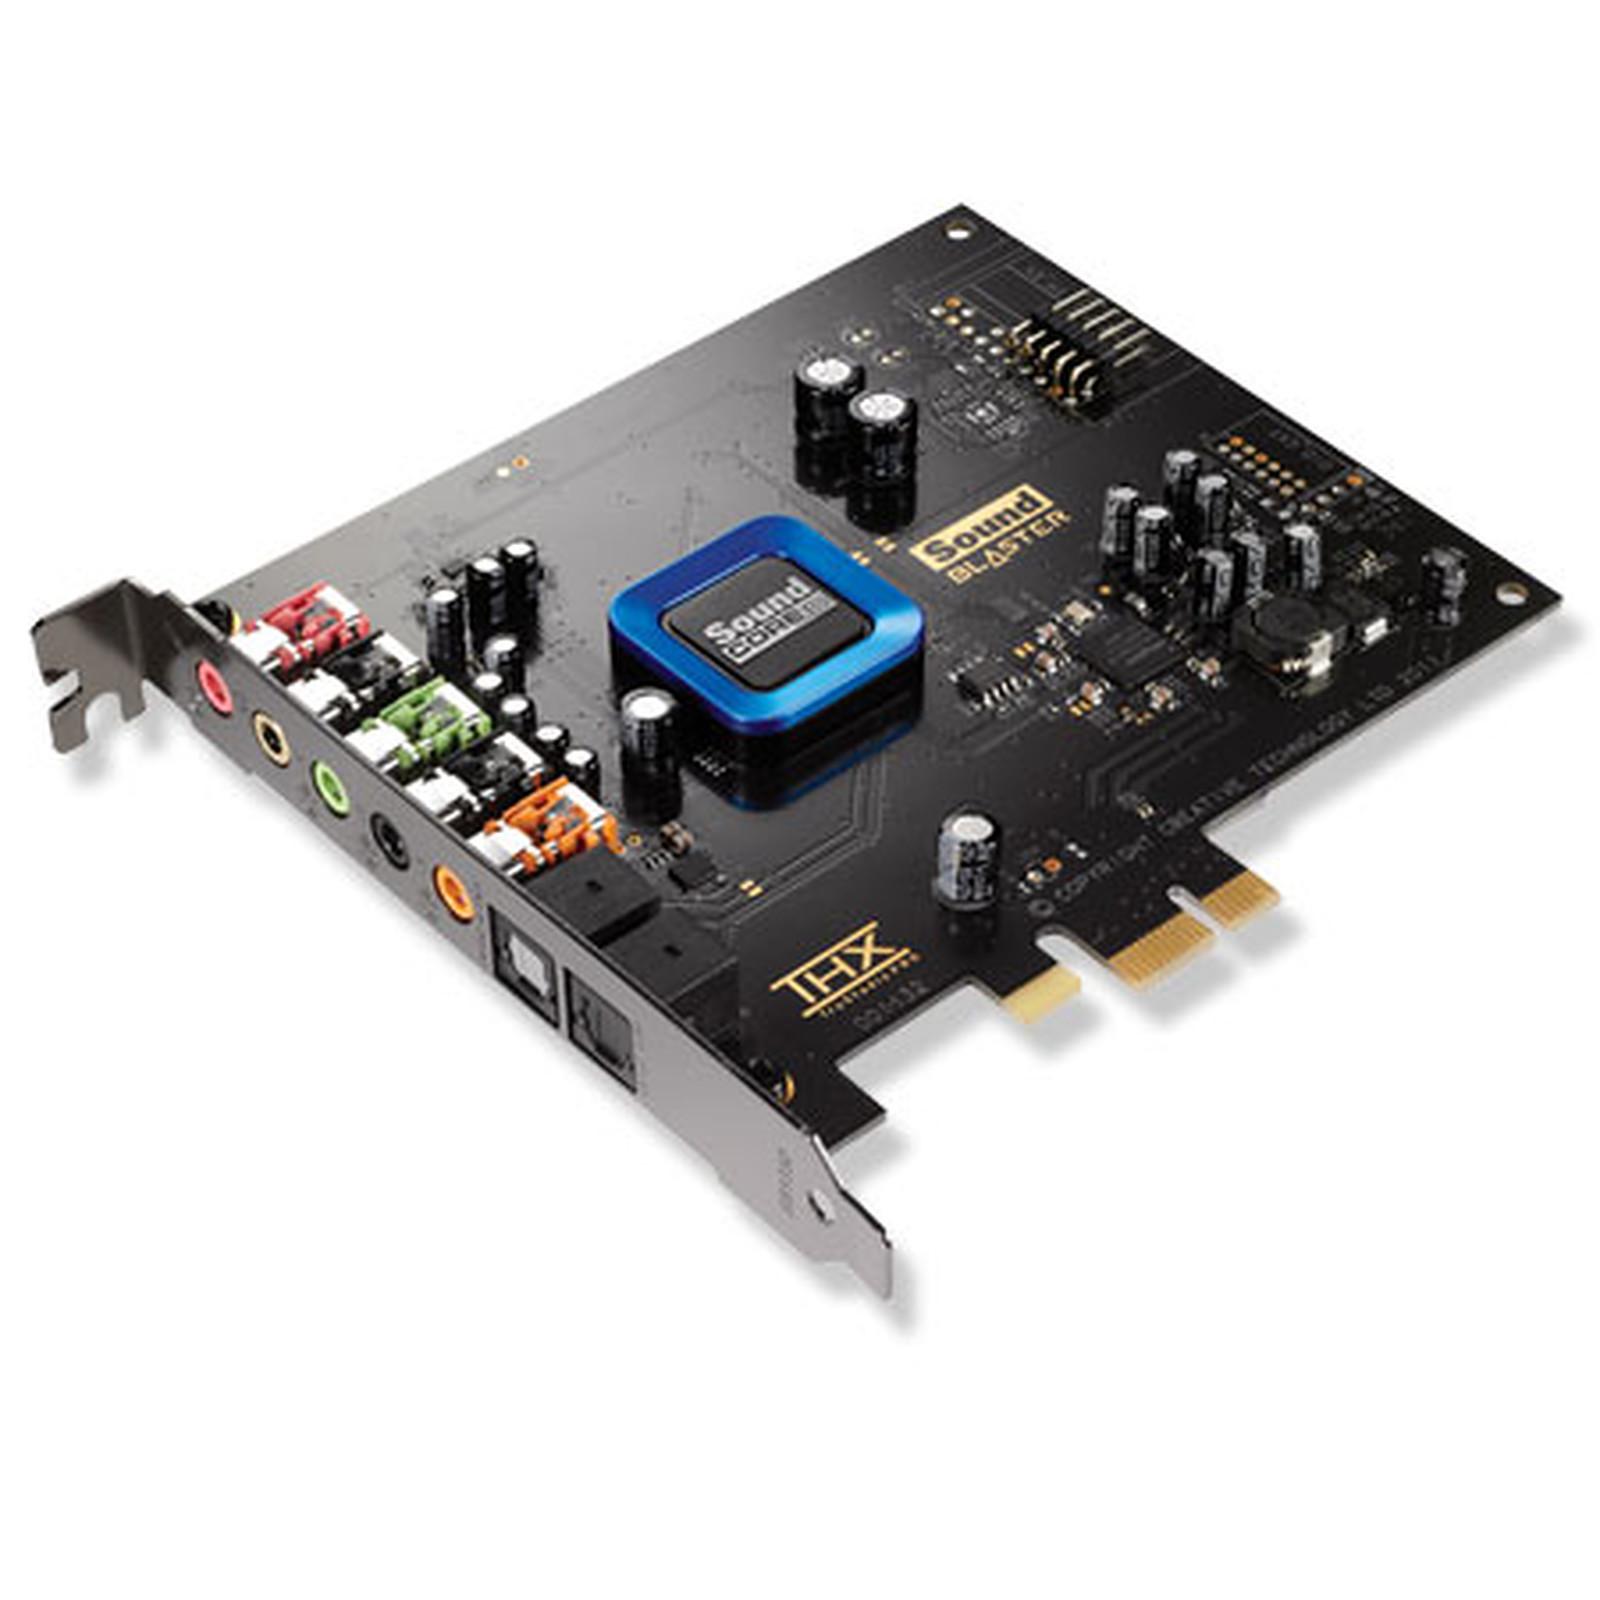 Creative Sound Blaster Recon3D PCI-E